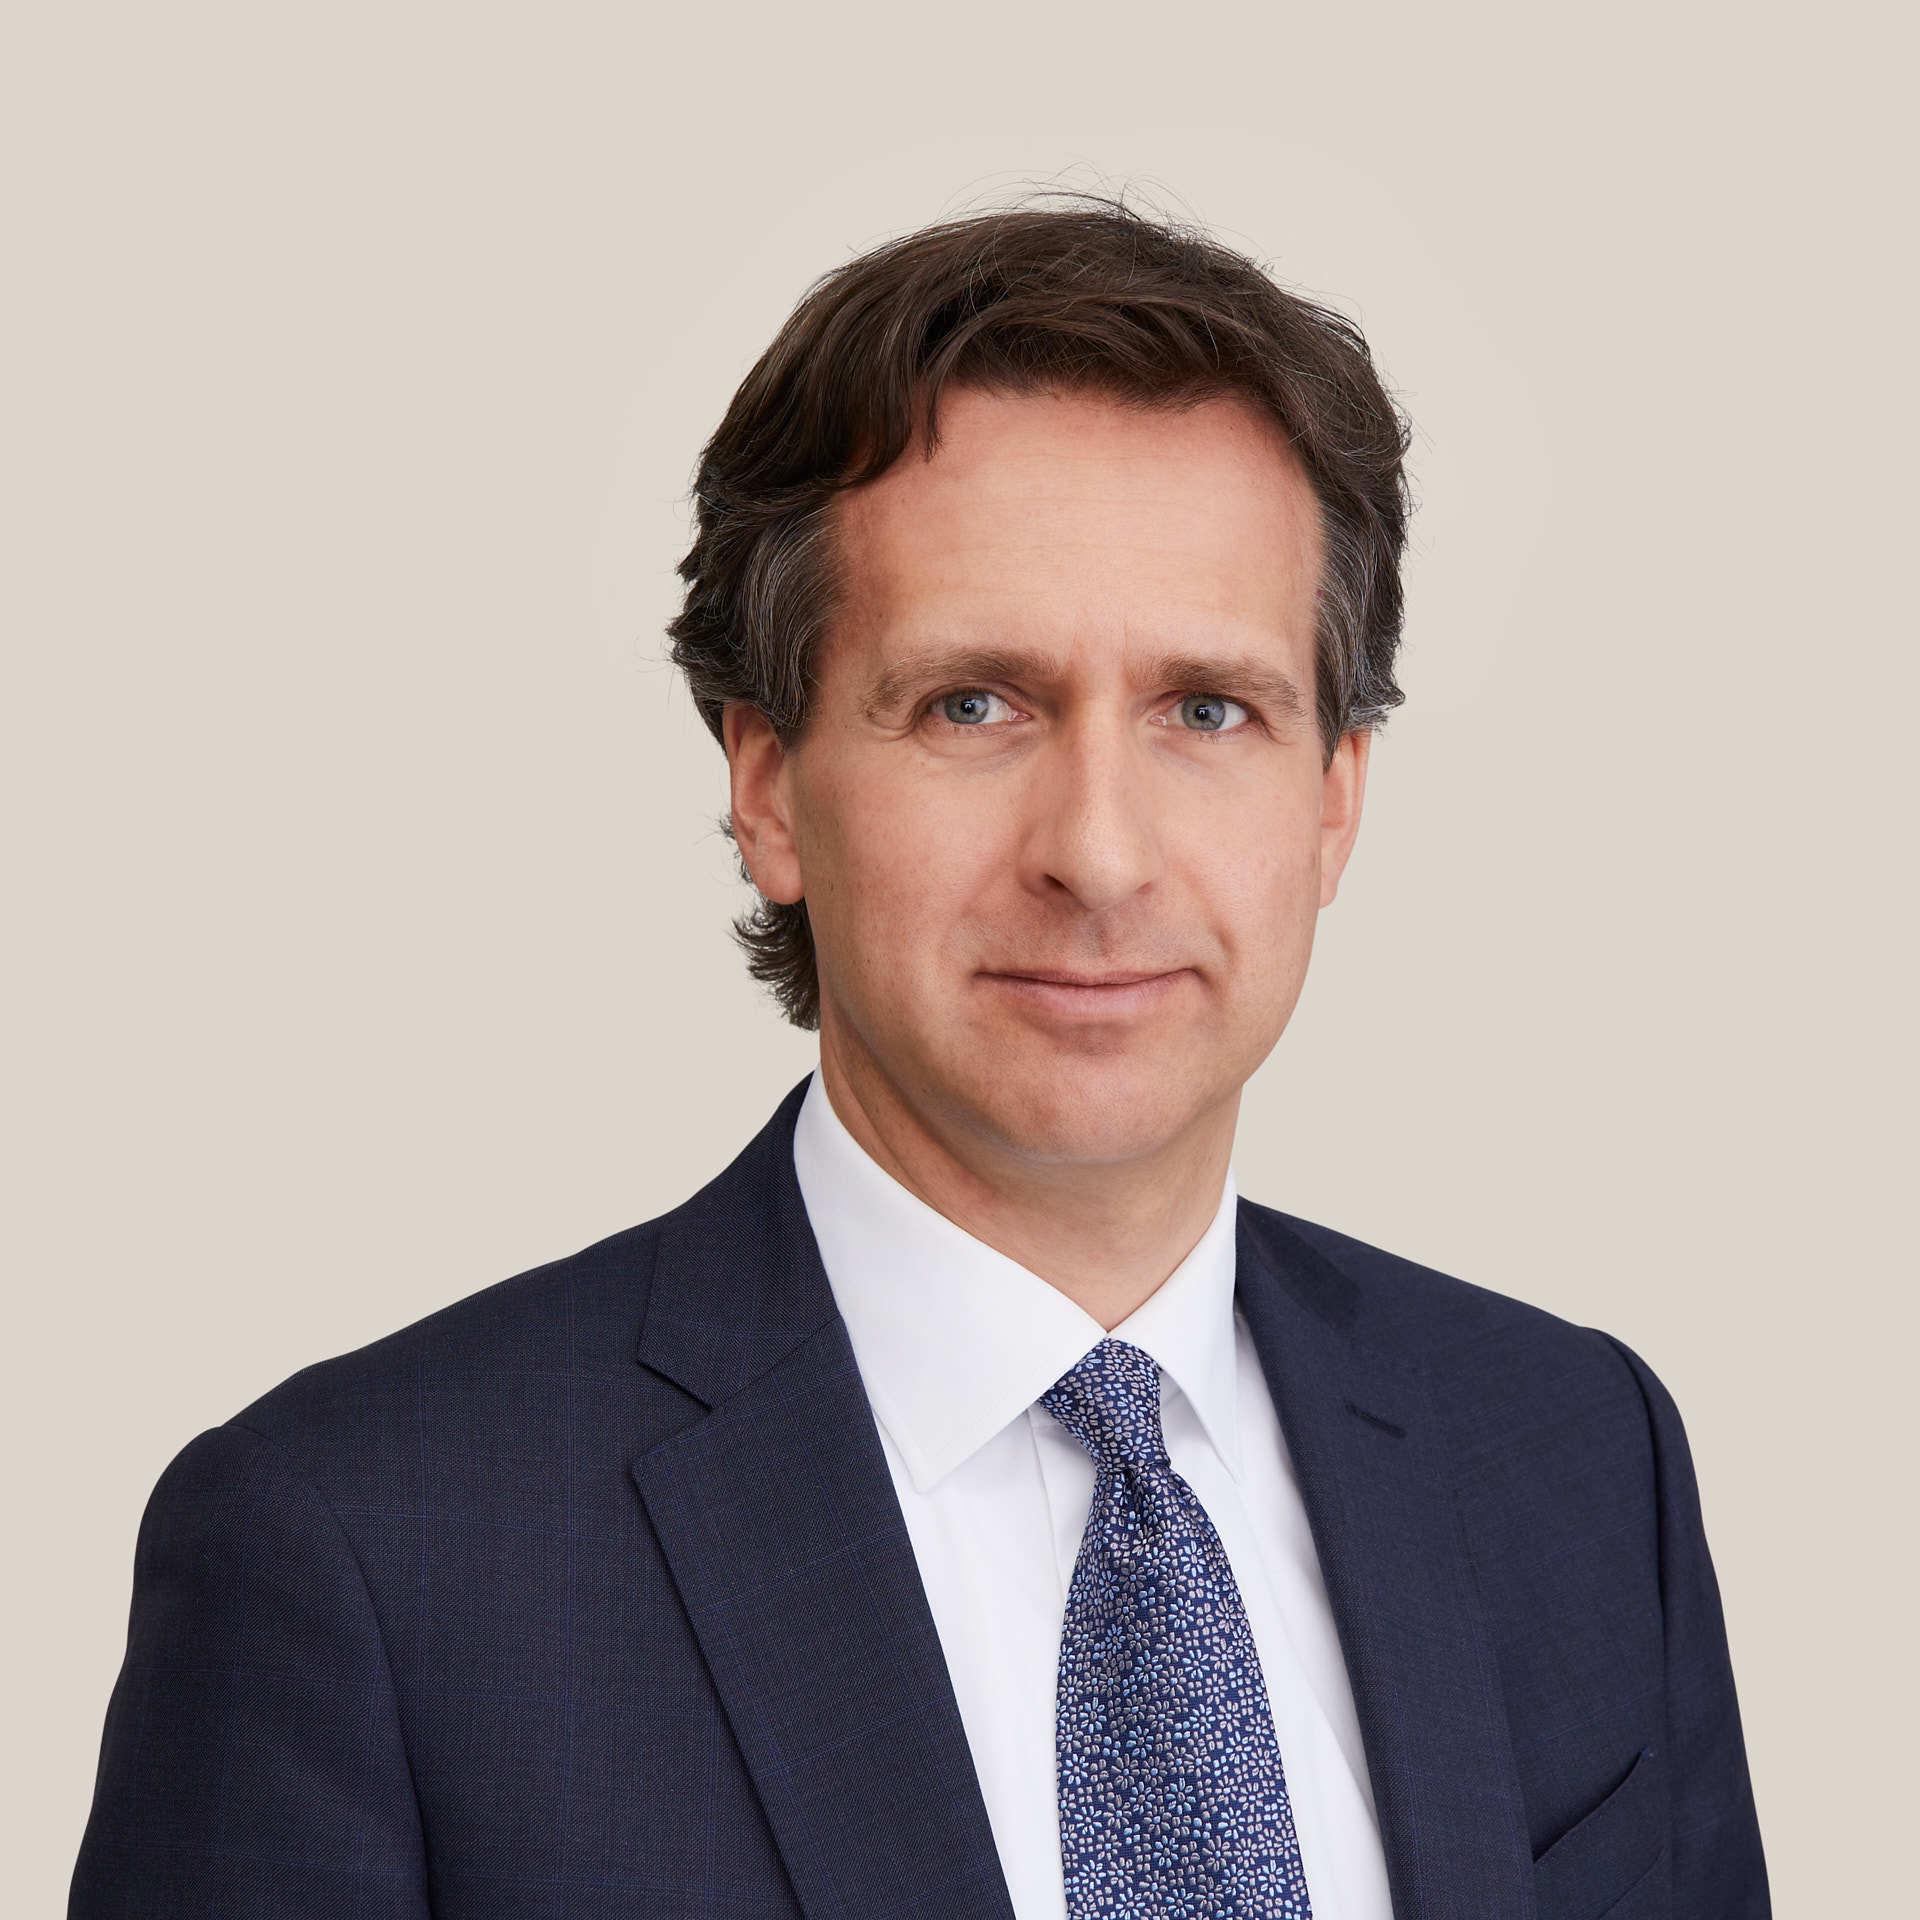 Mark rebergen